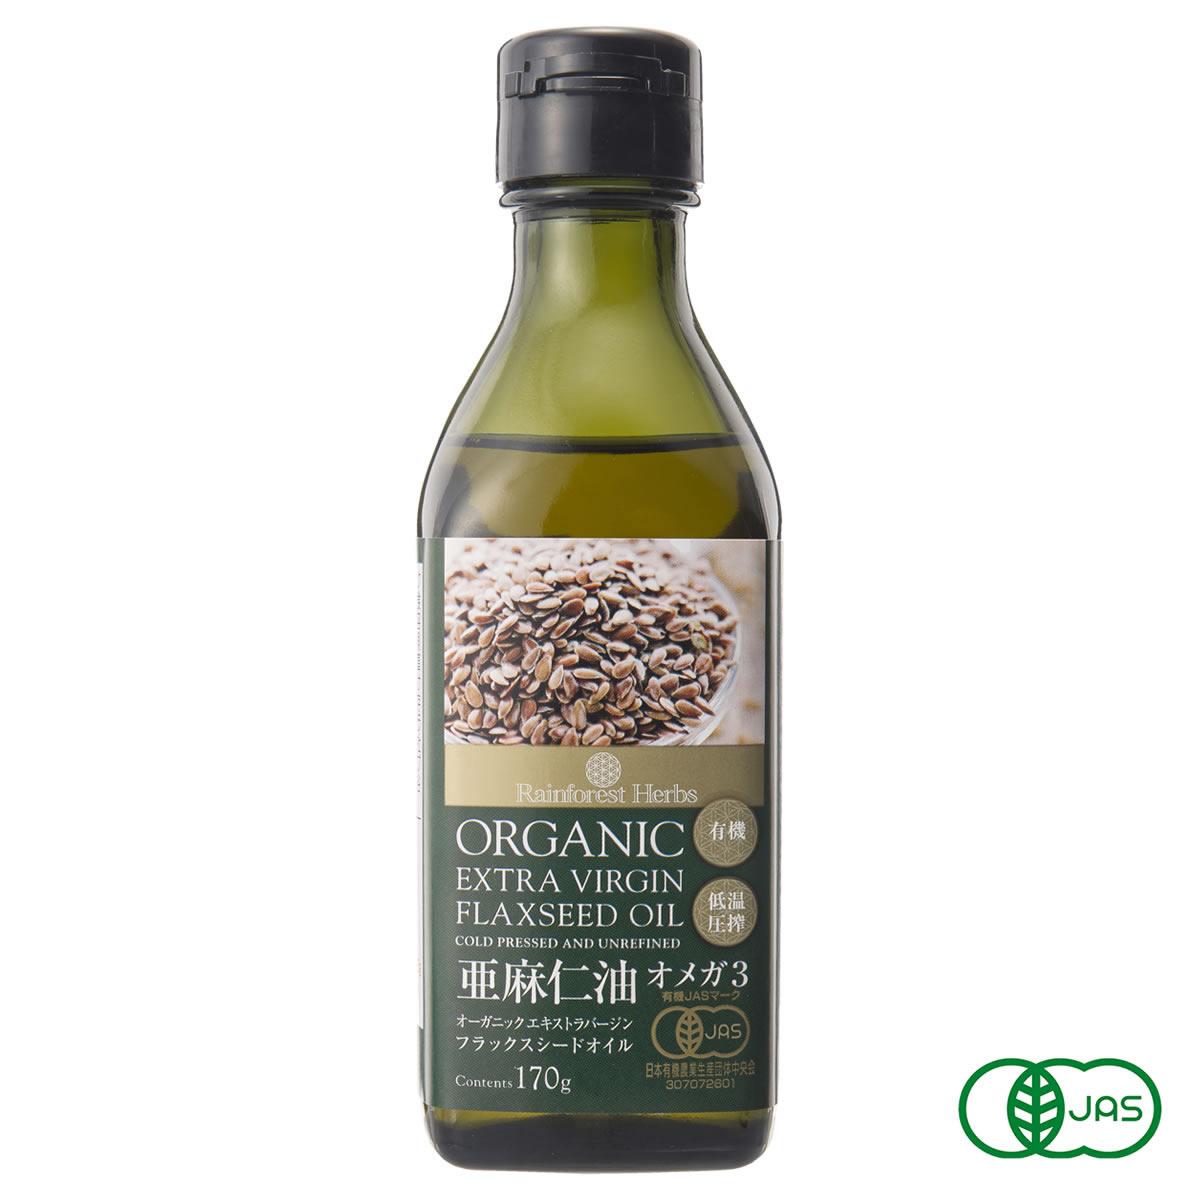 亜麻仁油 エキストラバージン フラックスシードオイル 170g 1本 ニュージーランド産 organic extra virgin flaxseed oil低温圧搾一番搾り 林修の今でしょ!講座で話題